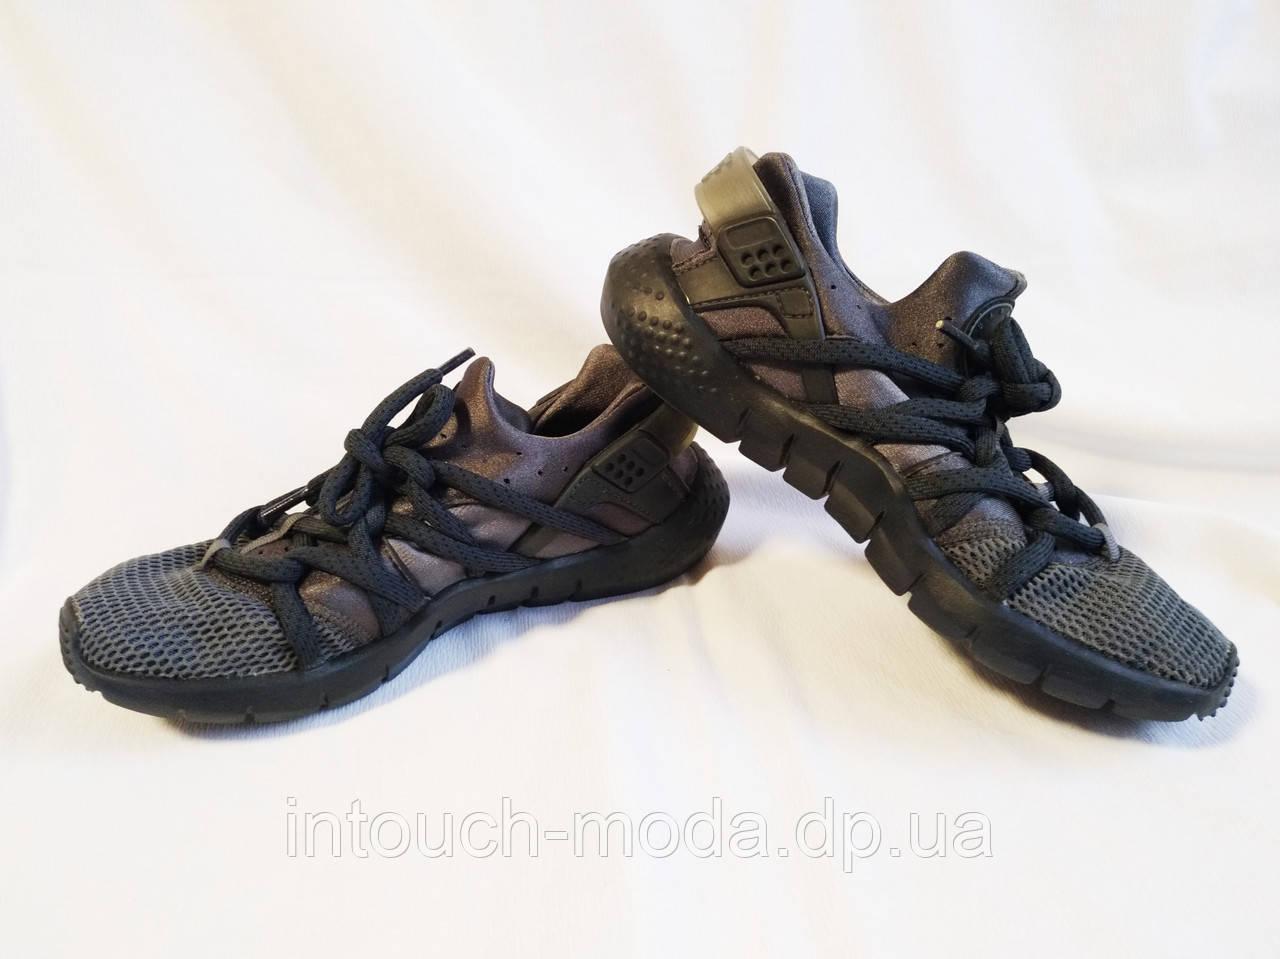 cb469266 Кроссовки Nike Huarache NM (Размер 37,5-38 (UK5, EU38,5)) — в ...